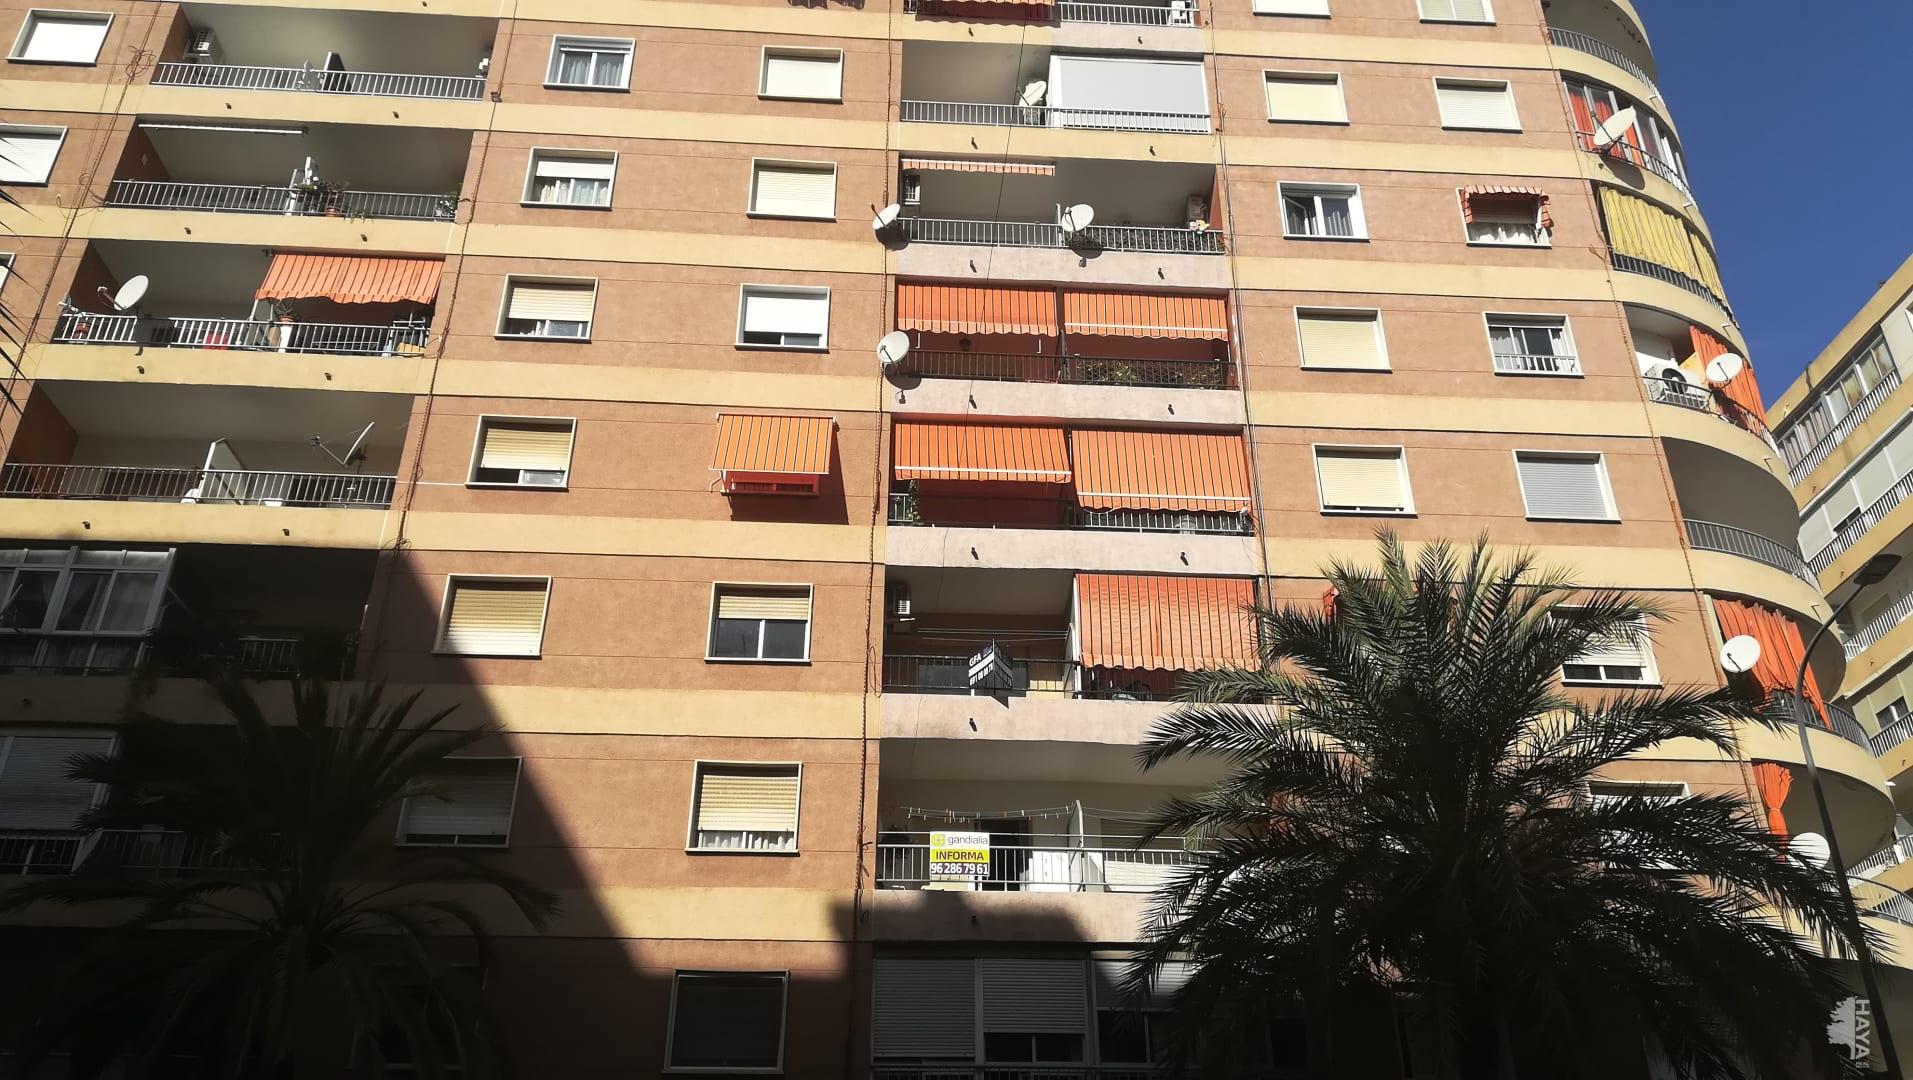 Appartement à Centro Ciudad. Piso en venta en gandia (valencia) republica argentina